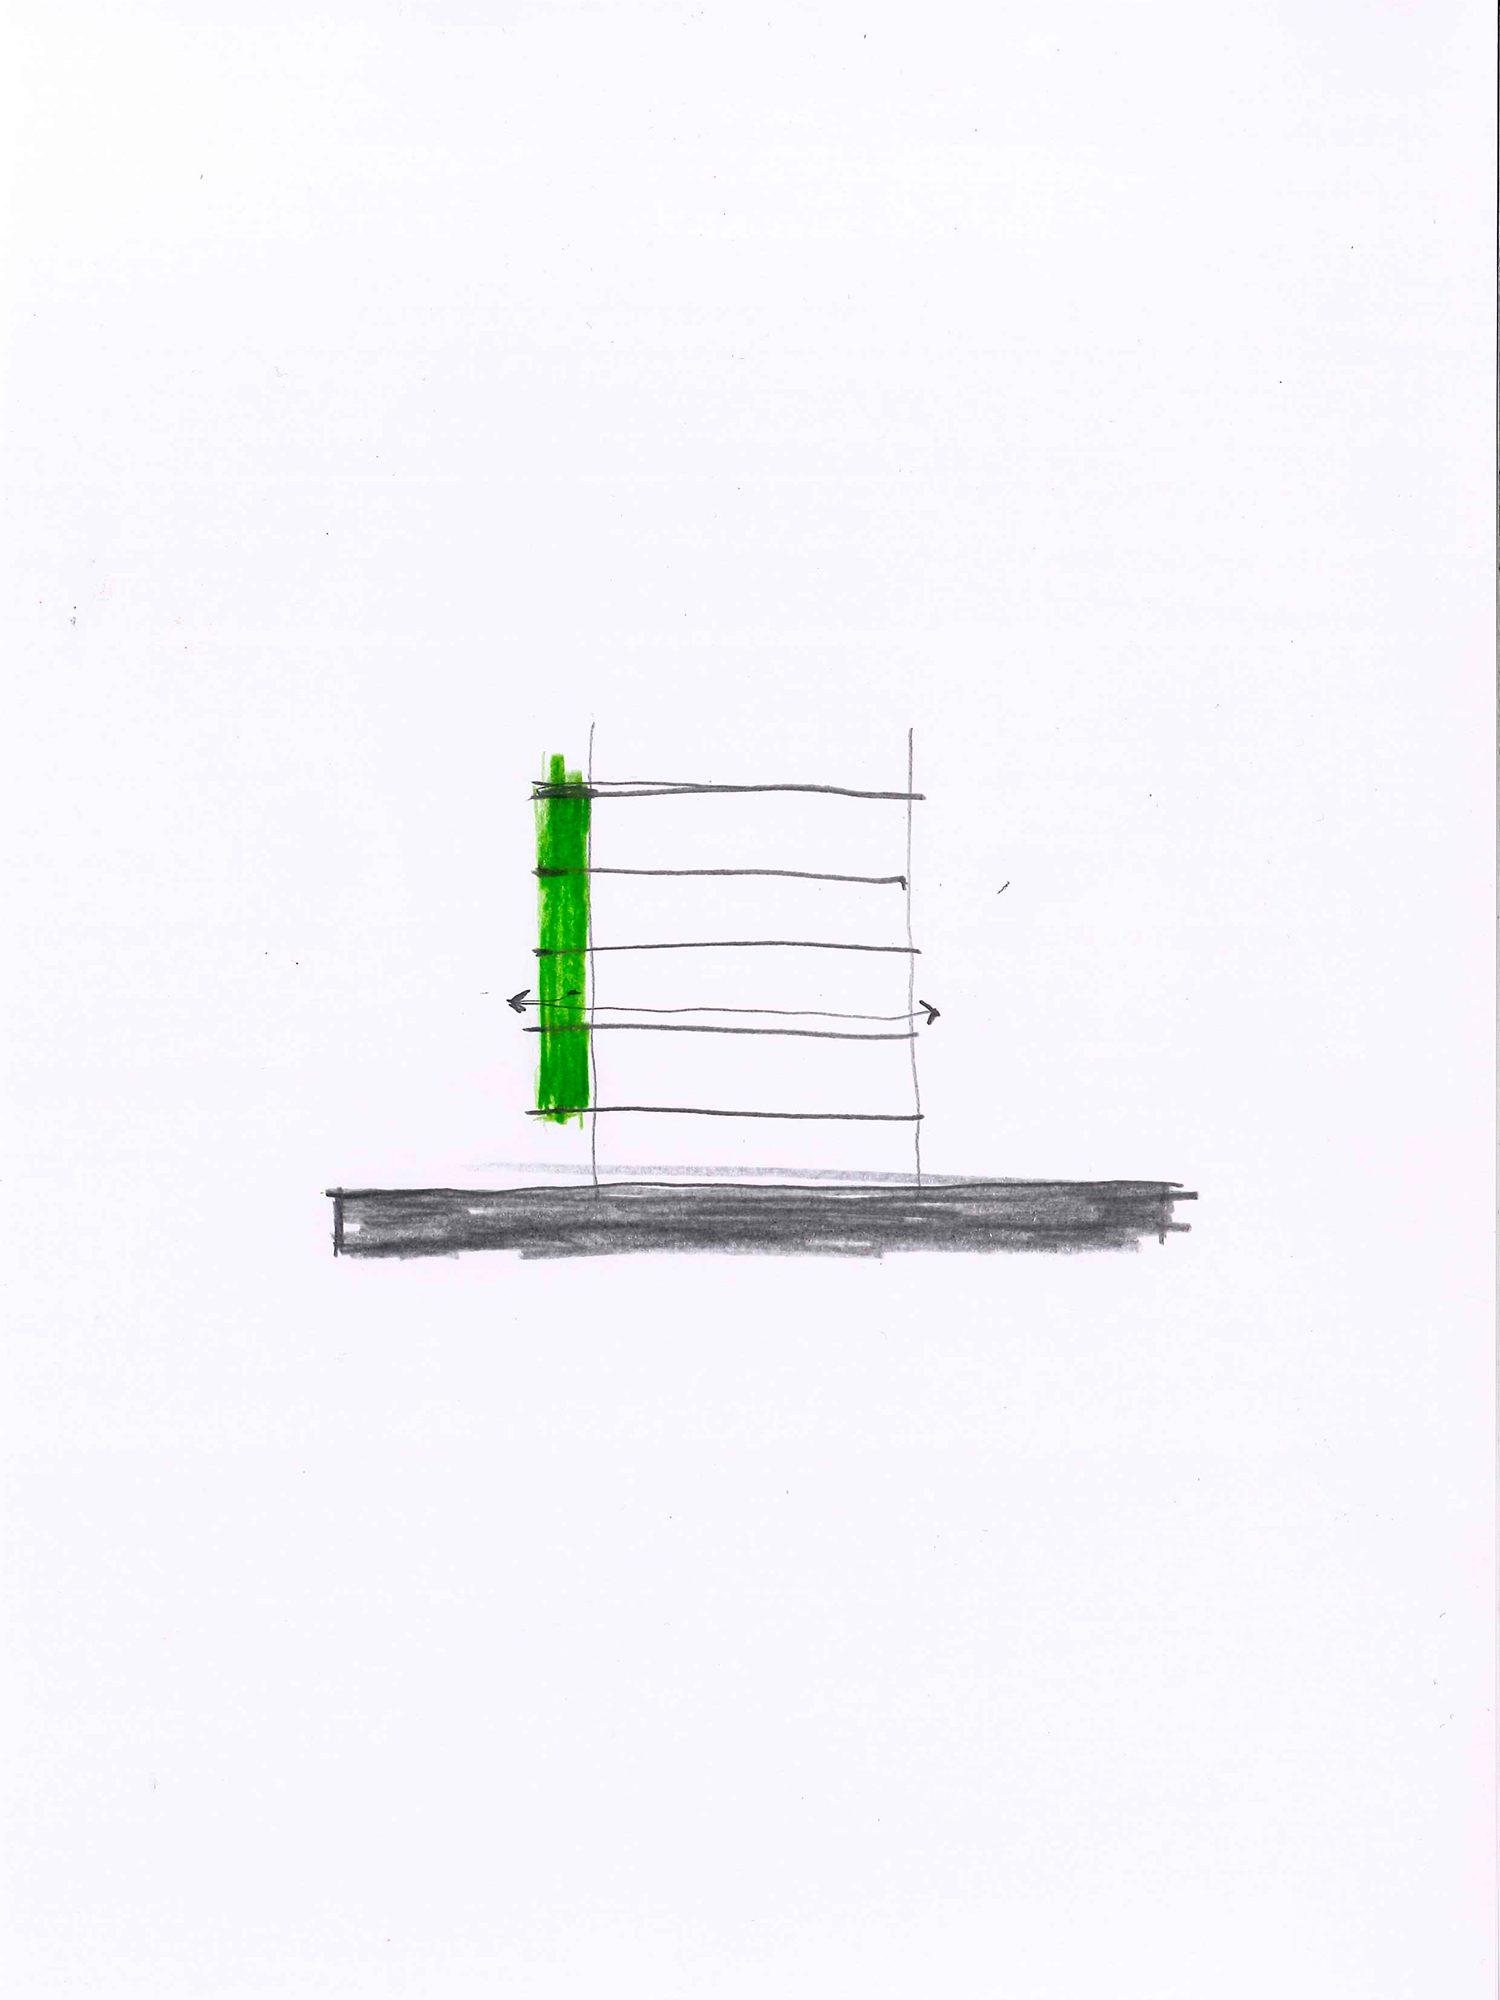 ARRHOV FRICK HAMMARBY GARD 01